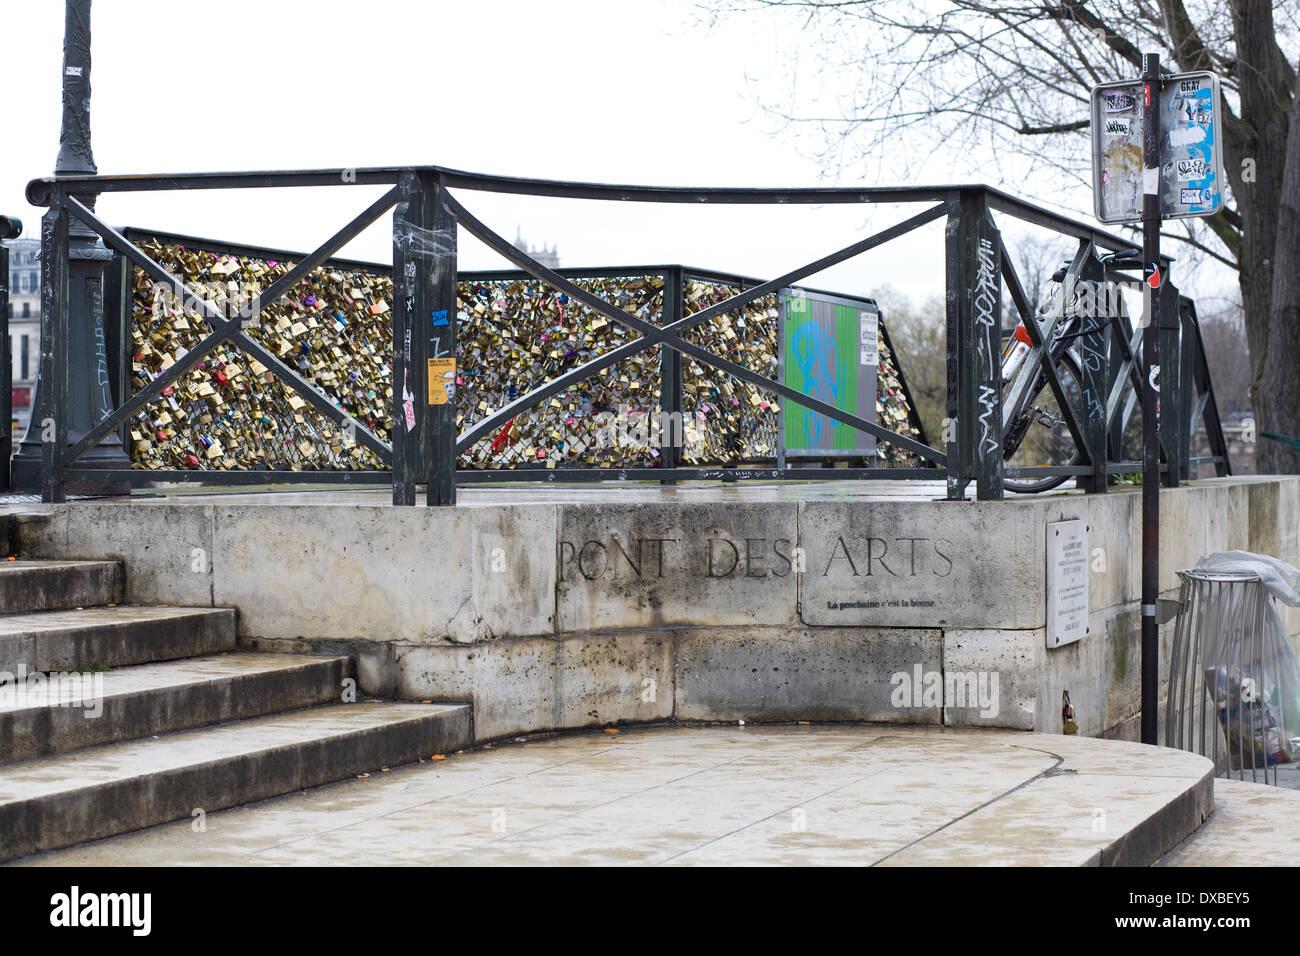 Pont des Arts Bridge Paris - Stock Image